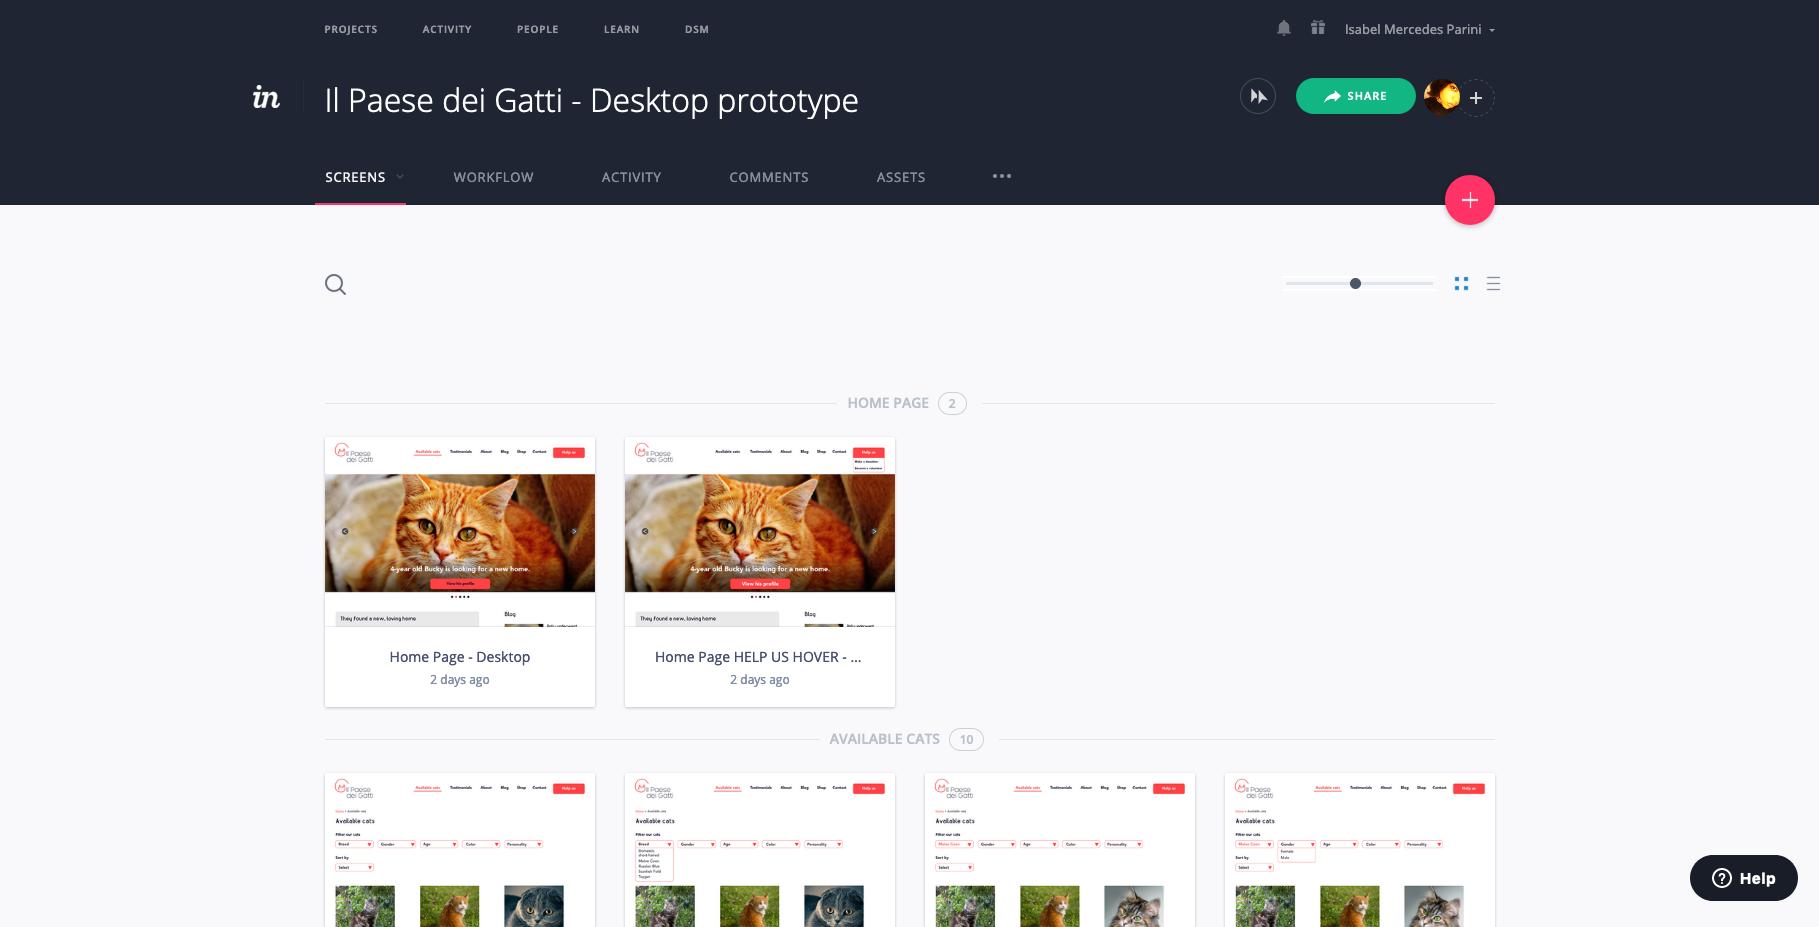 Il-Paese-dei-Gatti-Desktop-prototype-Screens-InVision